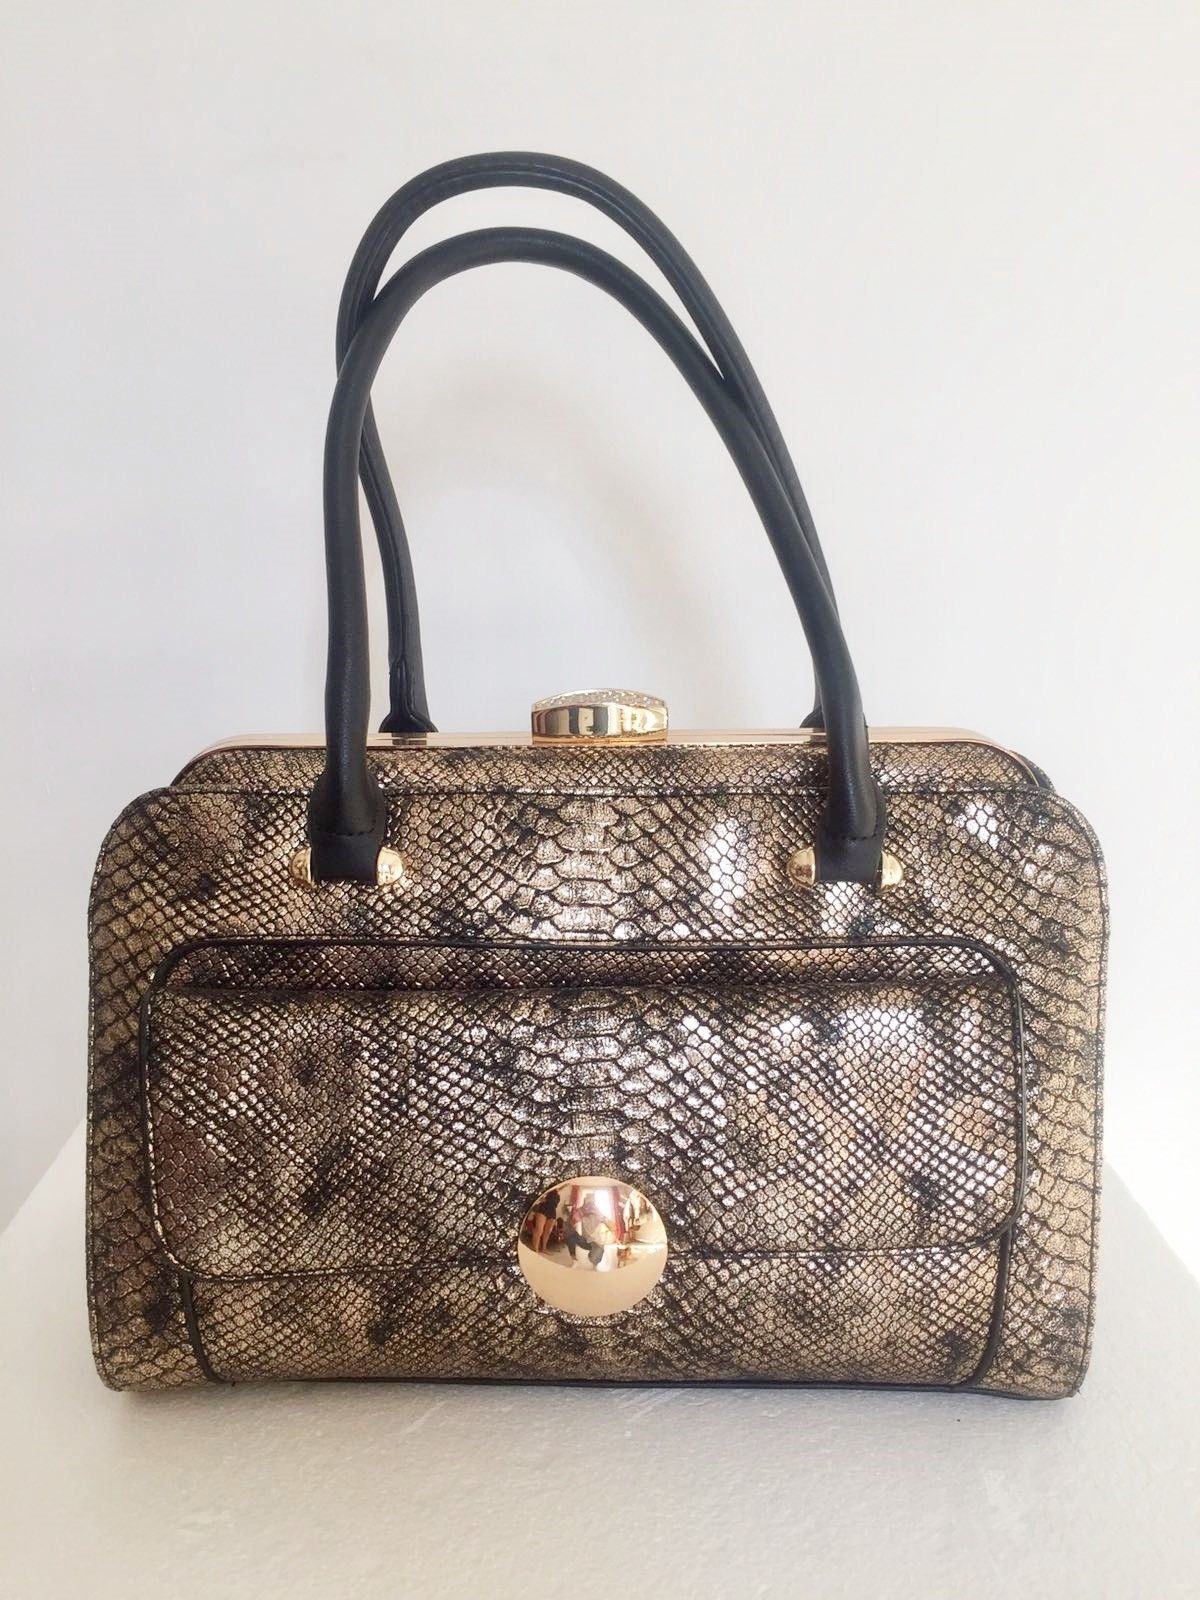 LadyBug Python Print Bag Cod.1014